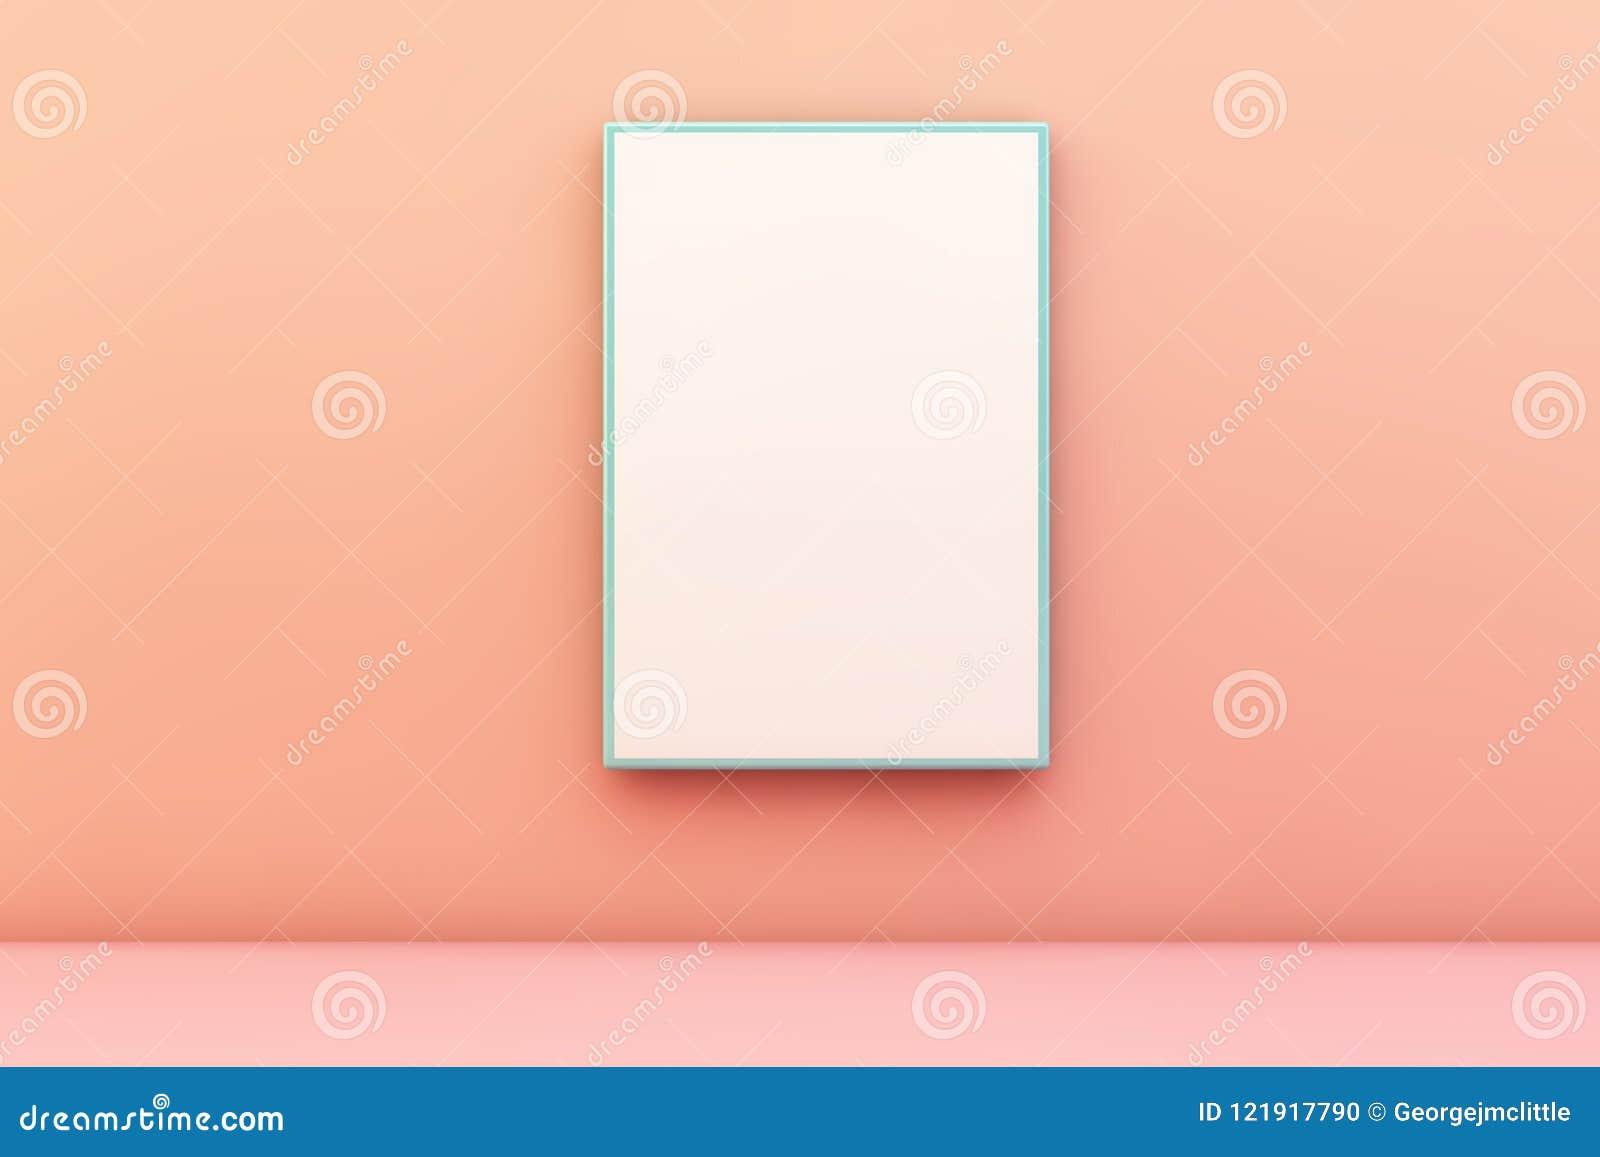 cadre vide bleu sur un mur illustration stock. illustration du